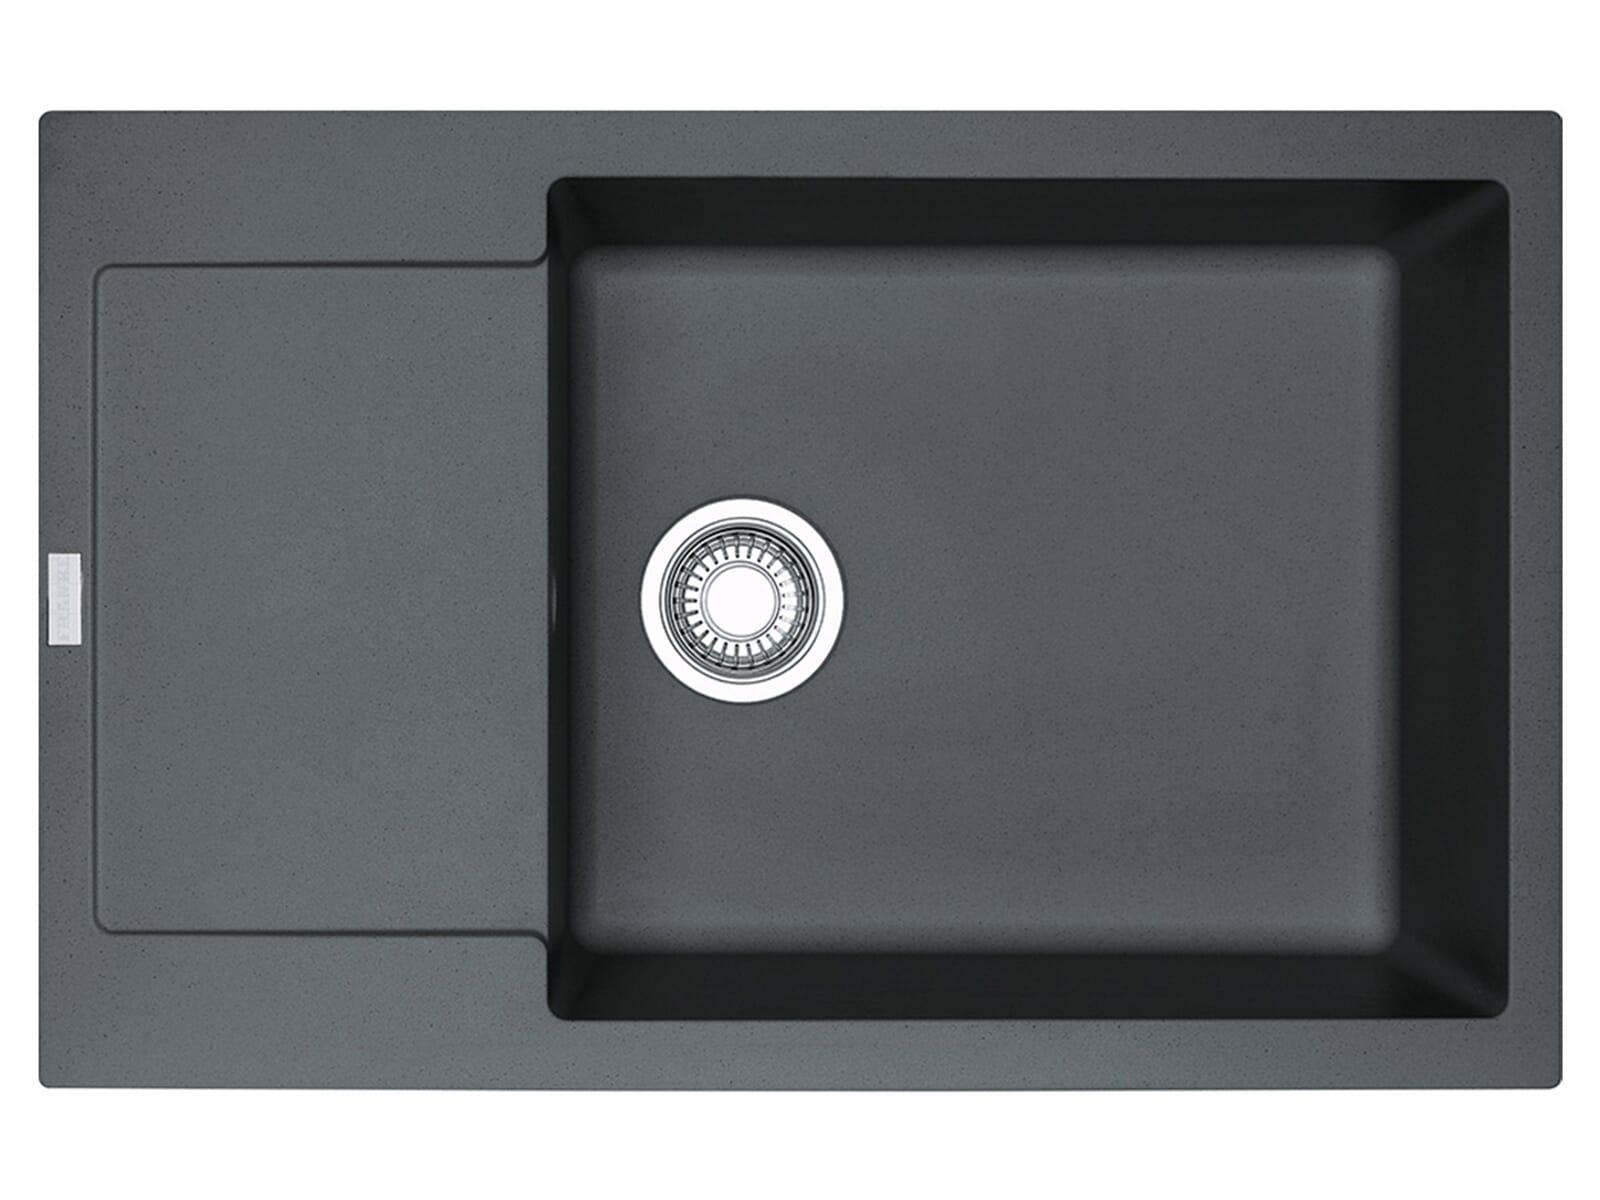 franke maris mrg 611 78 xl graphit granitsp le drehknopfventil. Black Bedroom Furniture Sets. Home Design Ideas